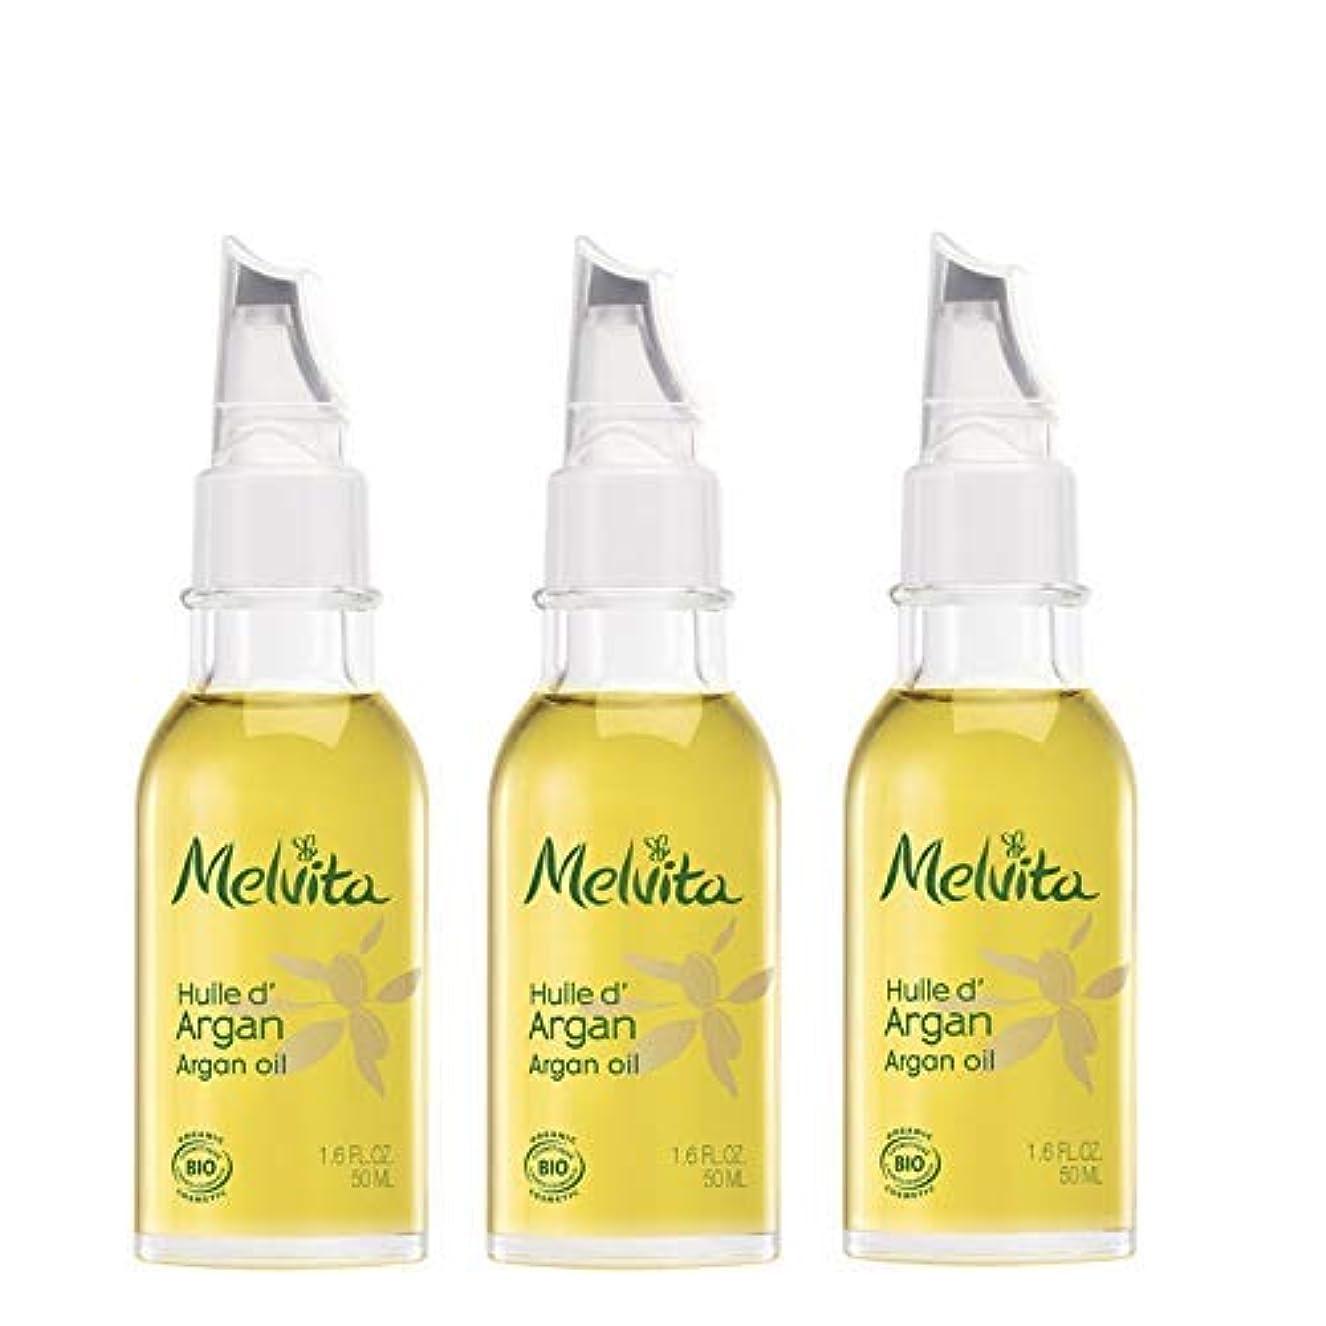 メルヴィータ (Melvita) ビオオイル アルガンオイル 50ml【3本セット】[並行輸入品]